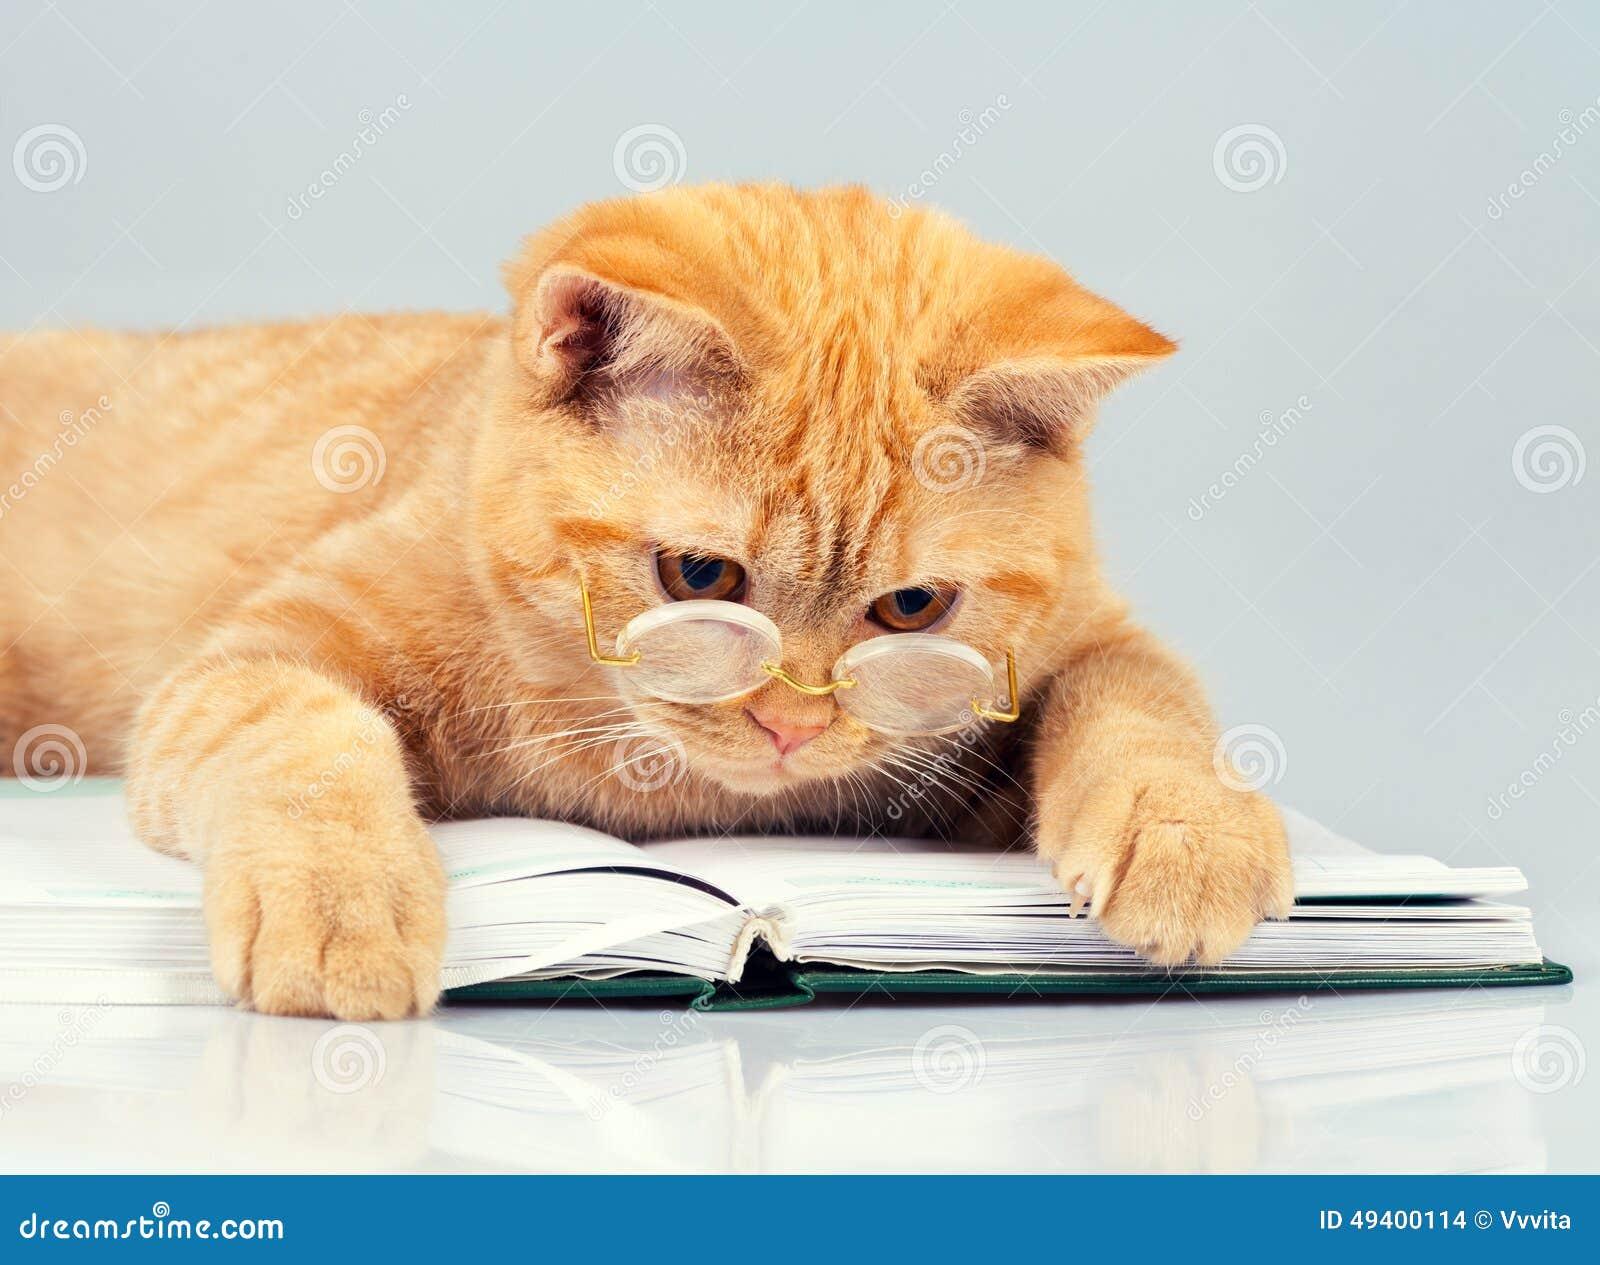 Download Katzenleser stockfoto. Bild von säugetier, katze, tatze - 49400114